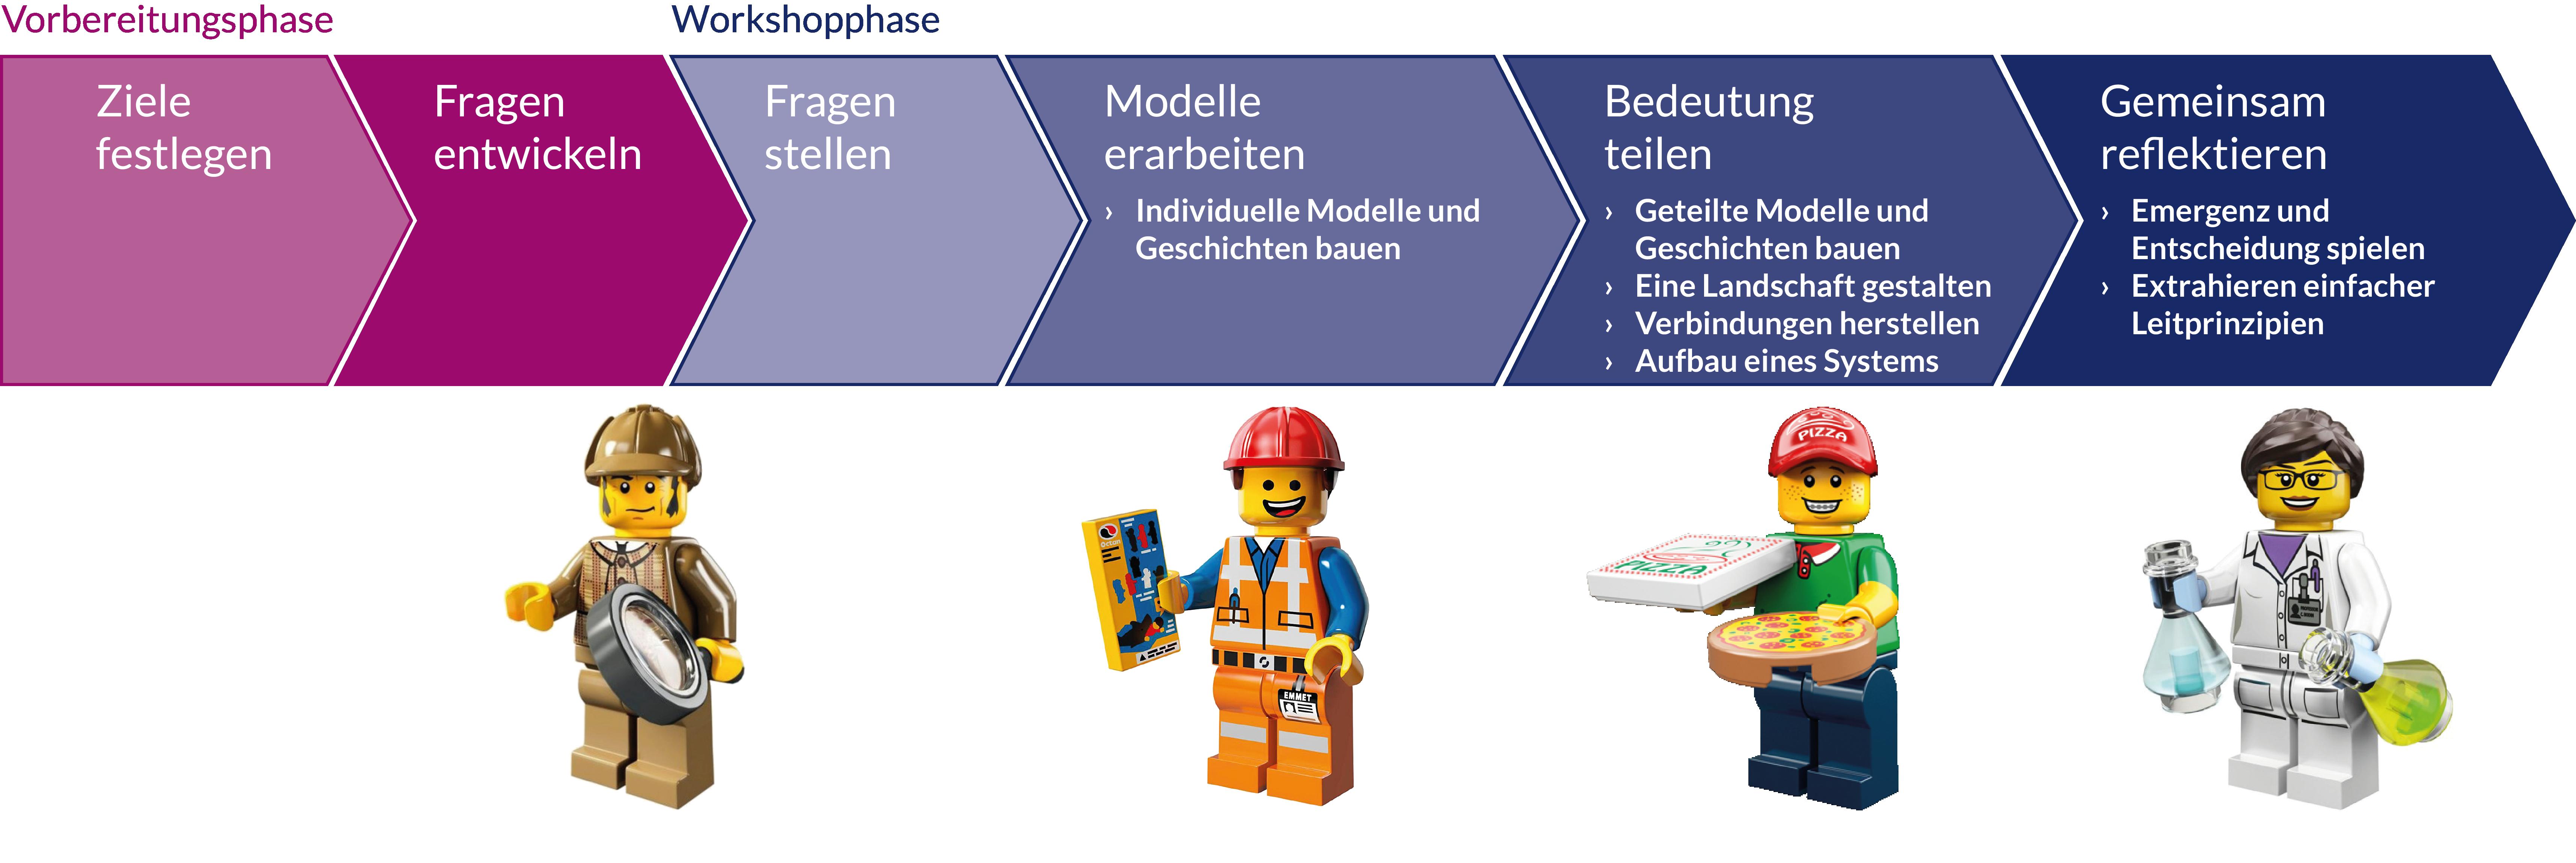 Lego Serious Play Methode